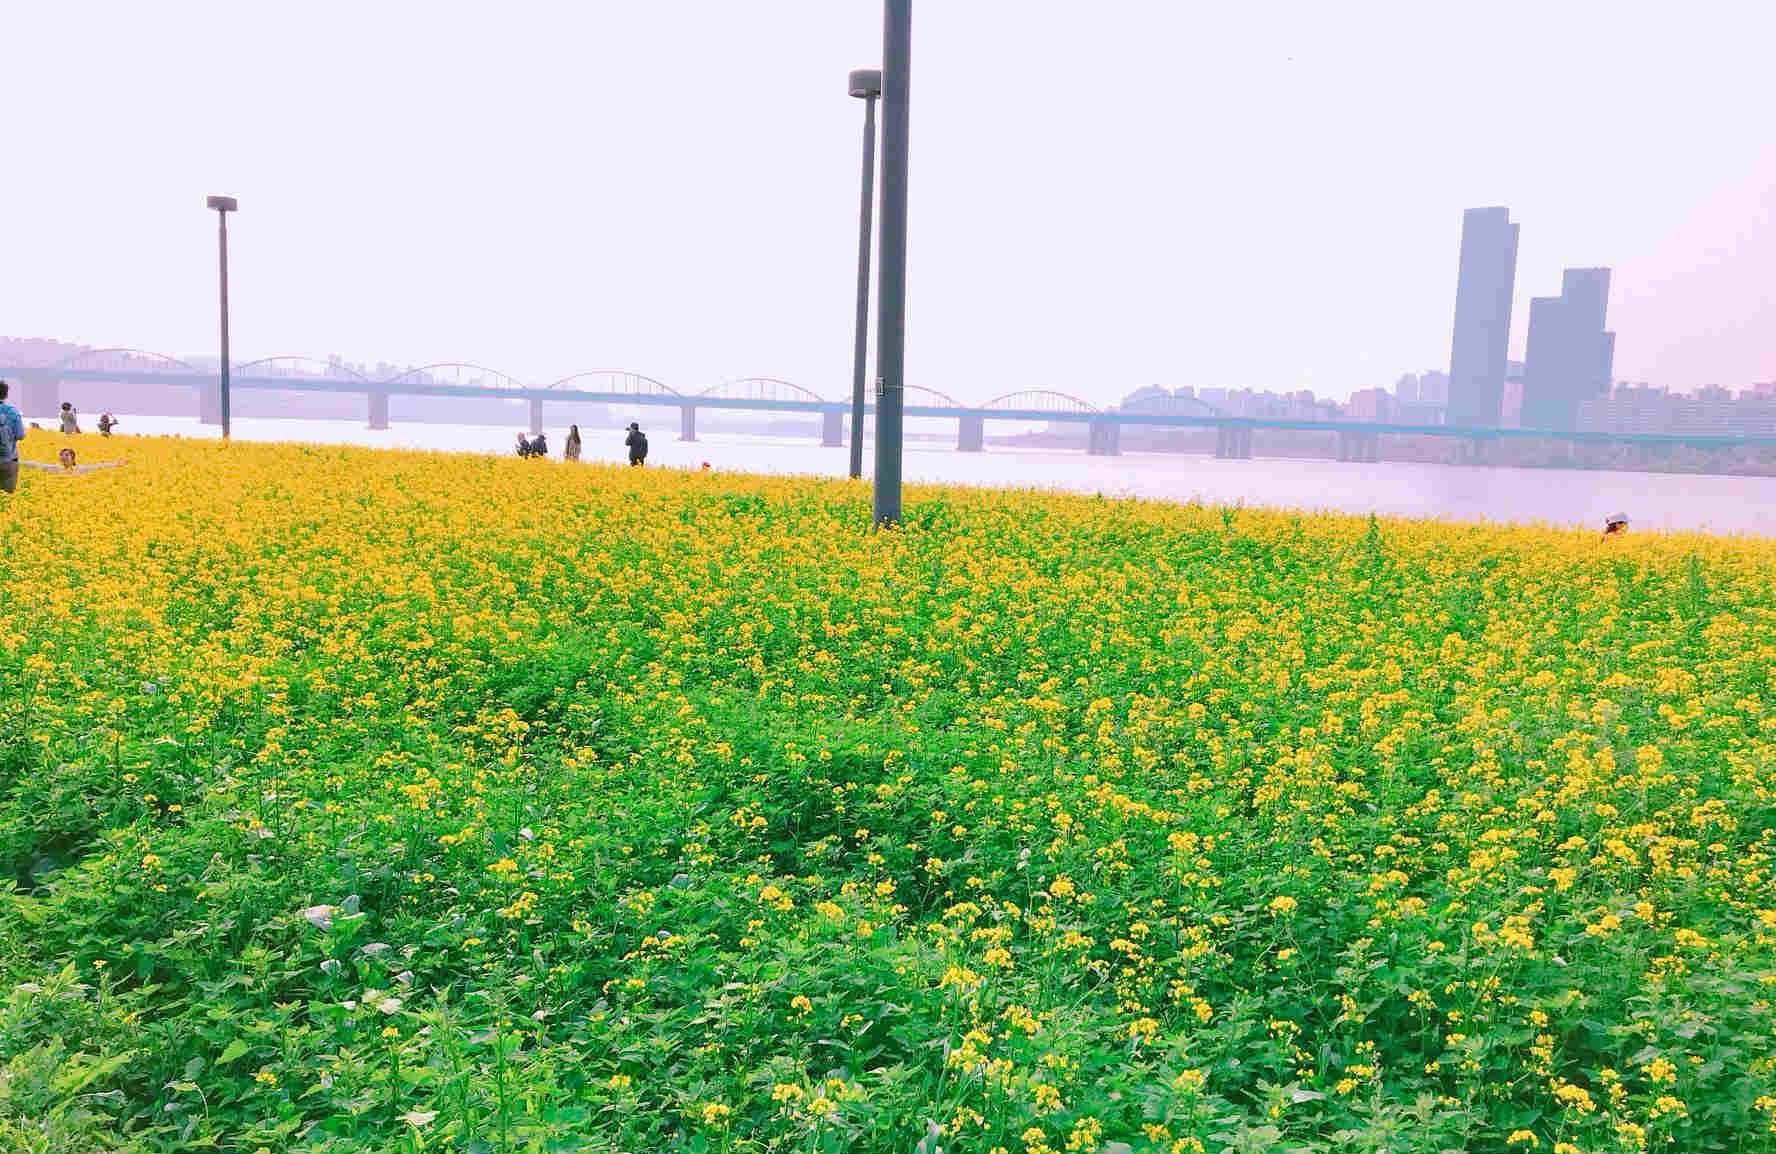 對映漢江的另一頭,穿插著盤浦大橋,景色也同樣美不勝收。